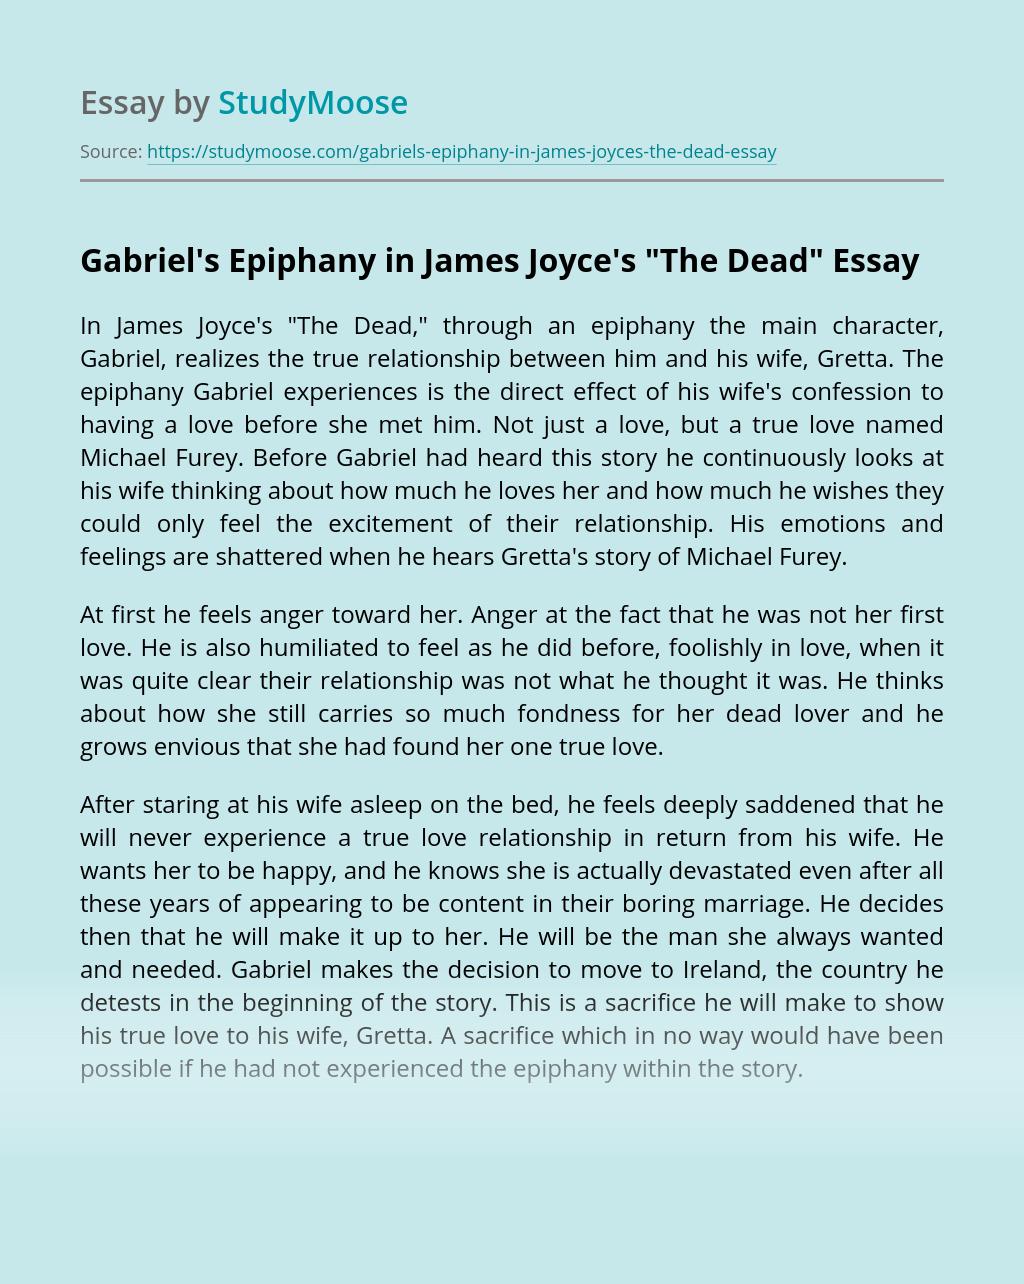 Gabriel's Epiphany in James Joyce's